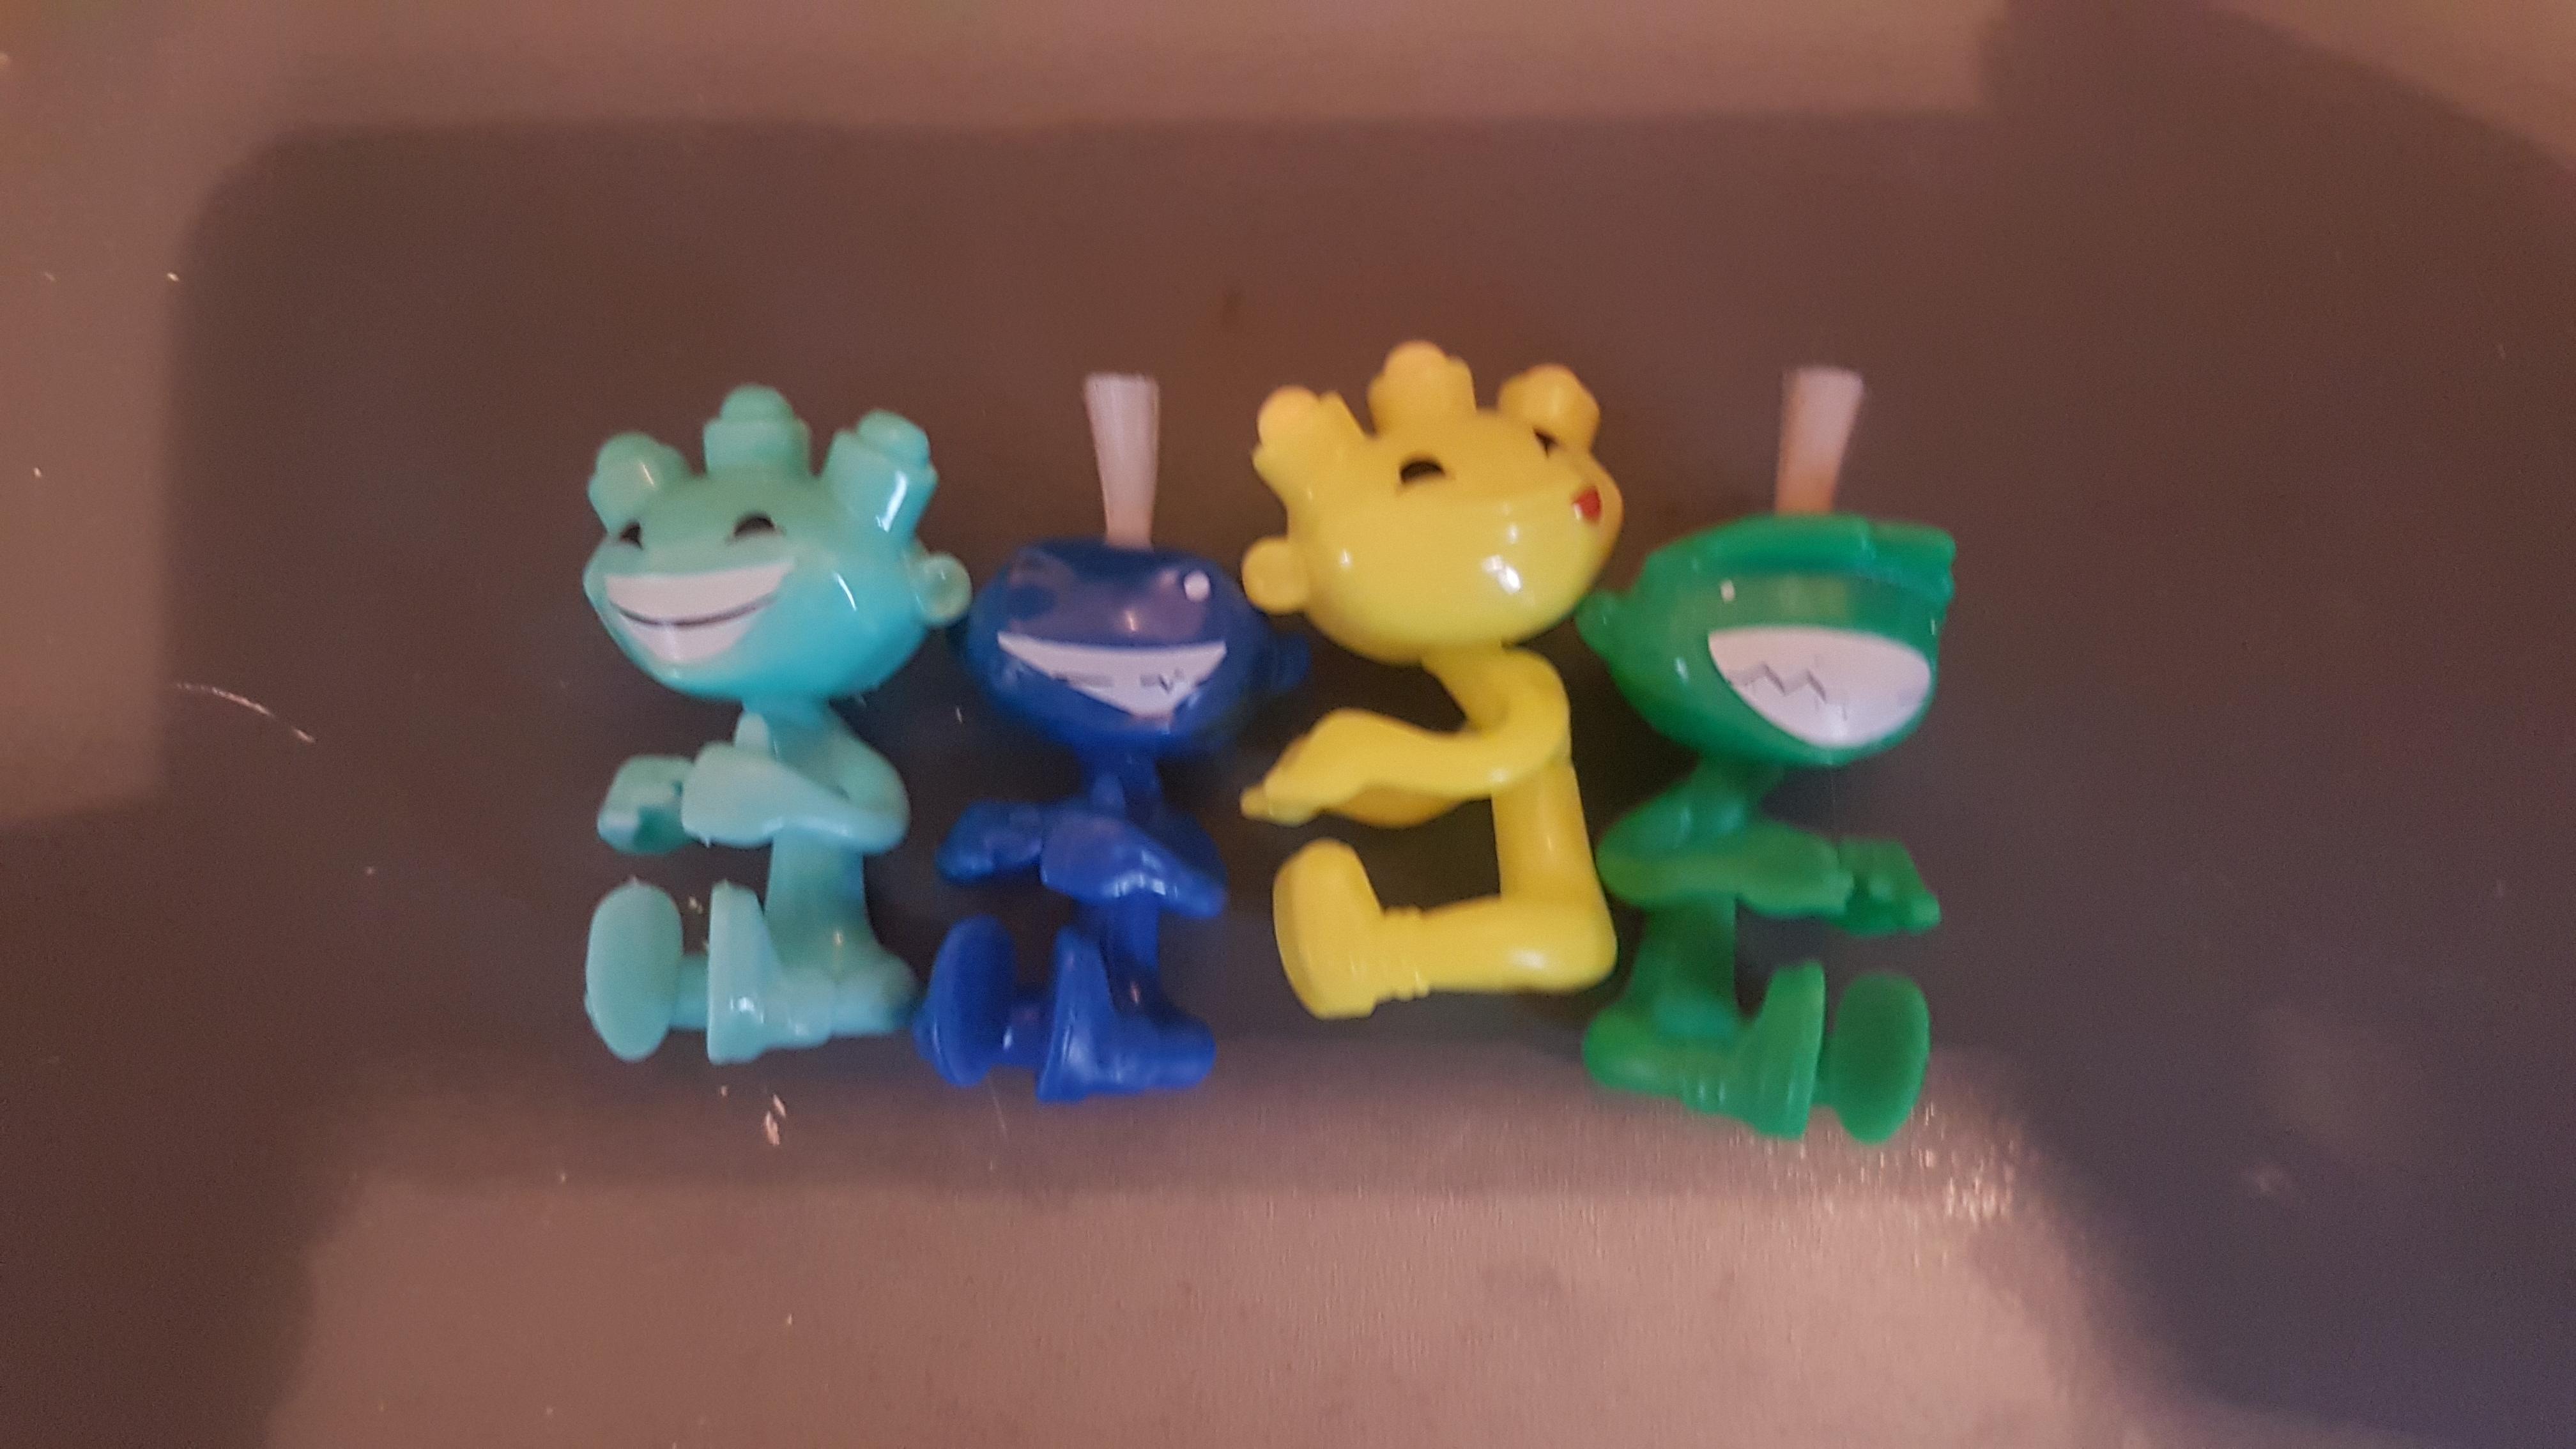 troc de troc figurines kinder image 0